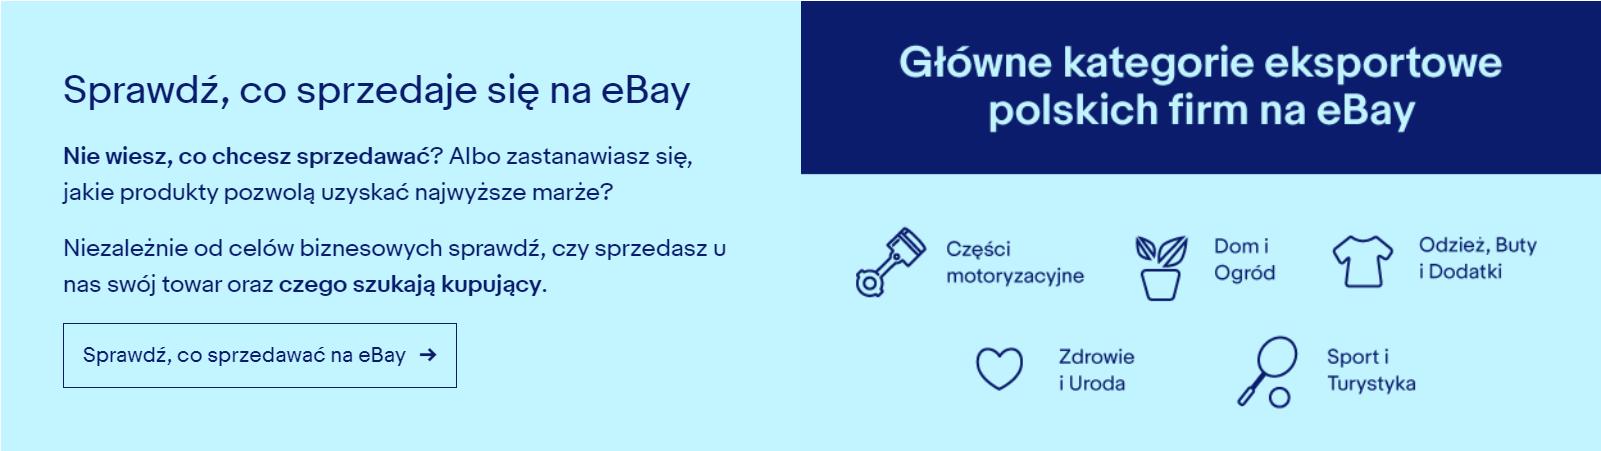 sprzedaz na ebayu